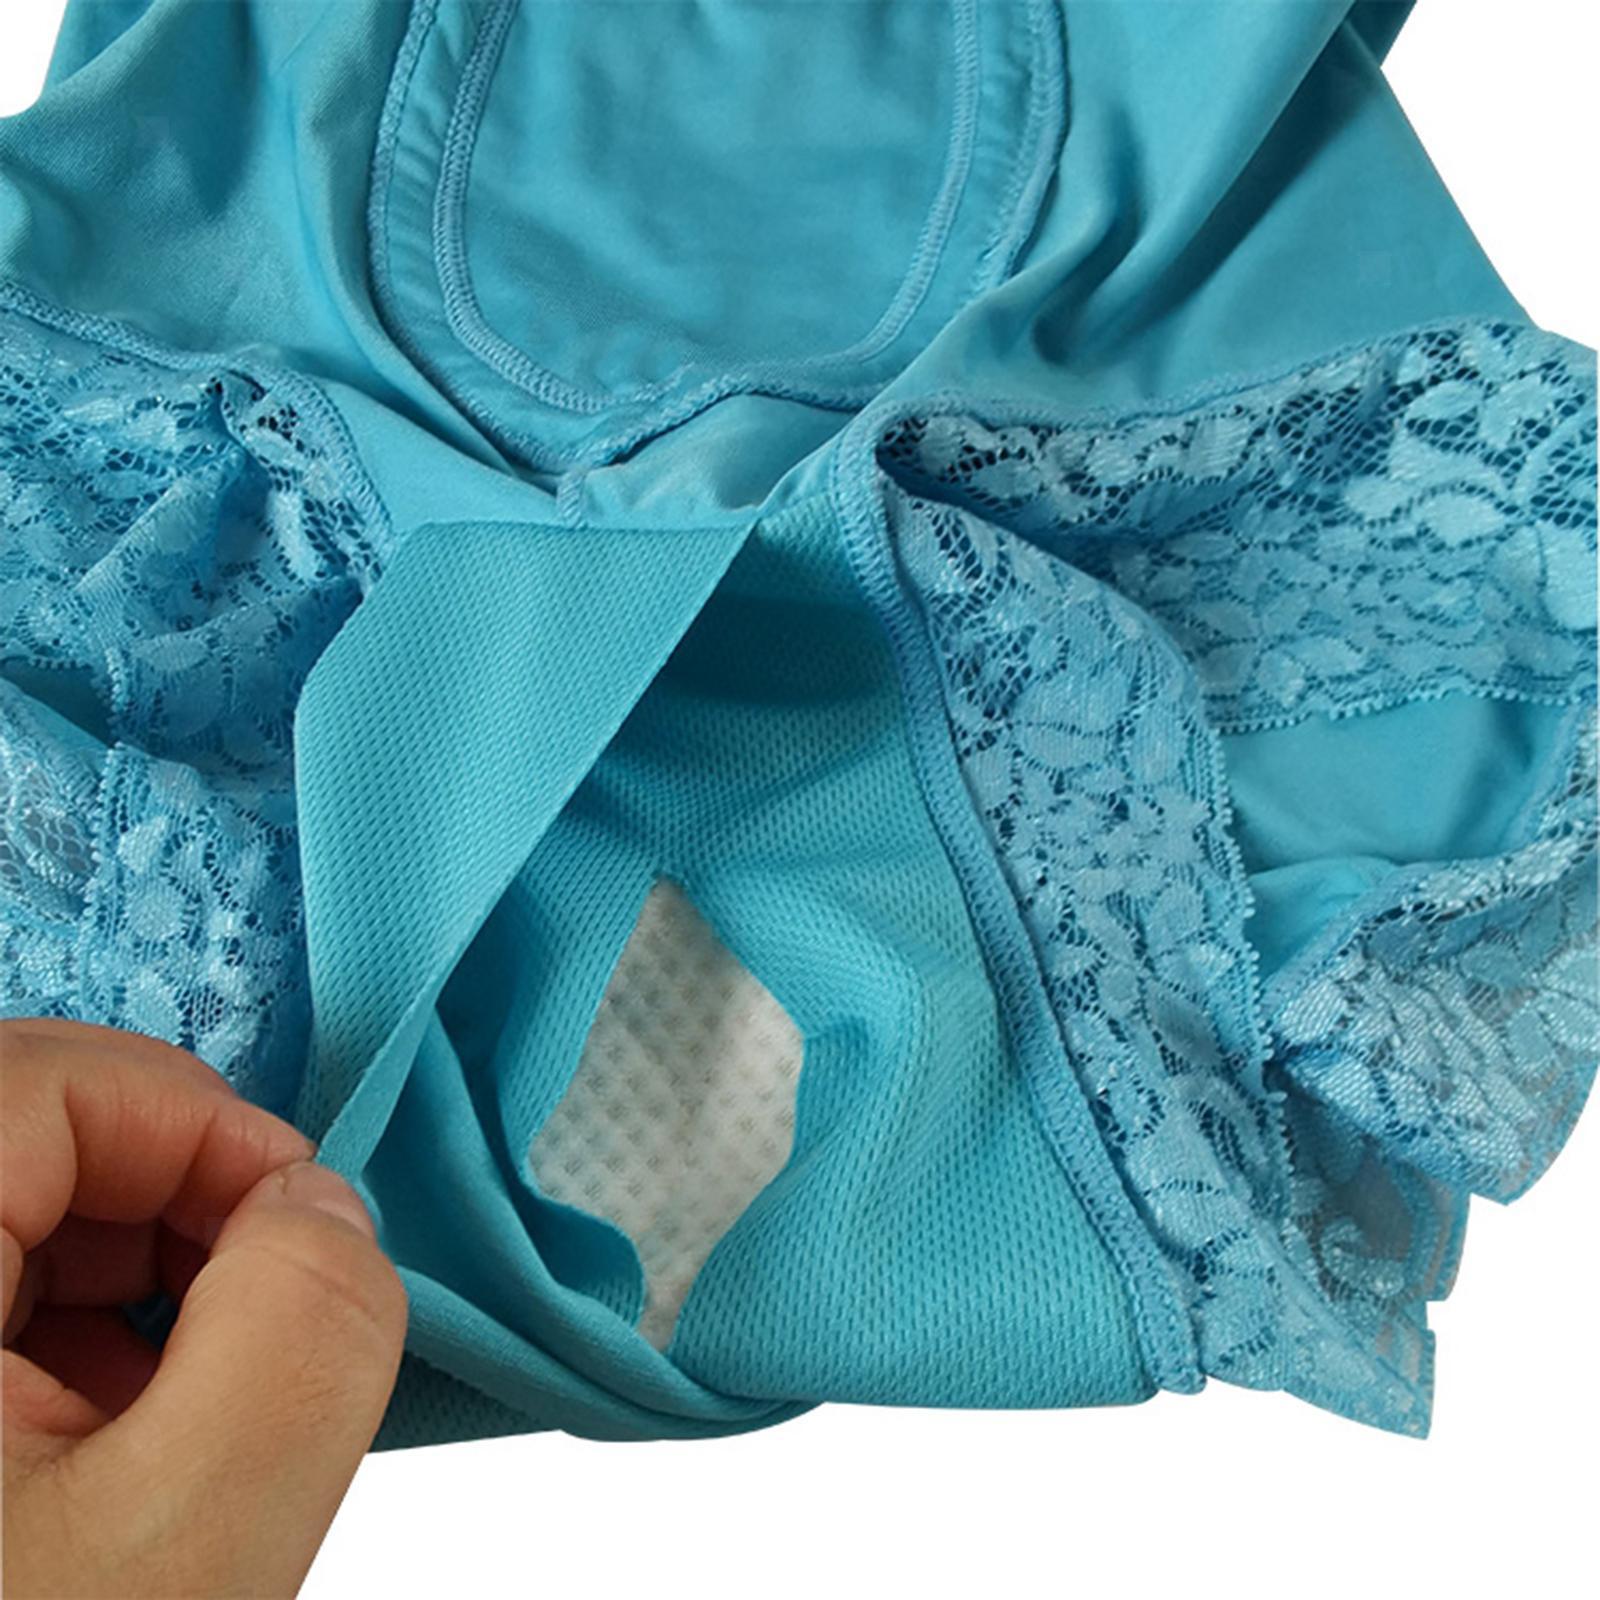 Indexbild 24 - Wiederverwendbare Inkontinenz Unterwäsche mit Pad für Frauen Menstruations